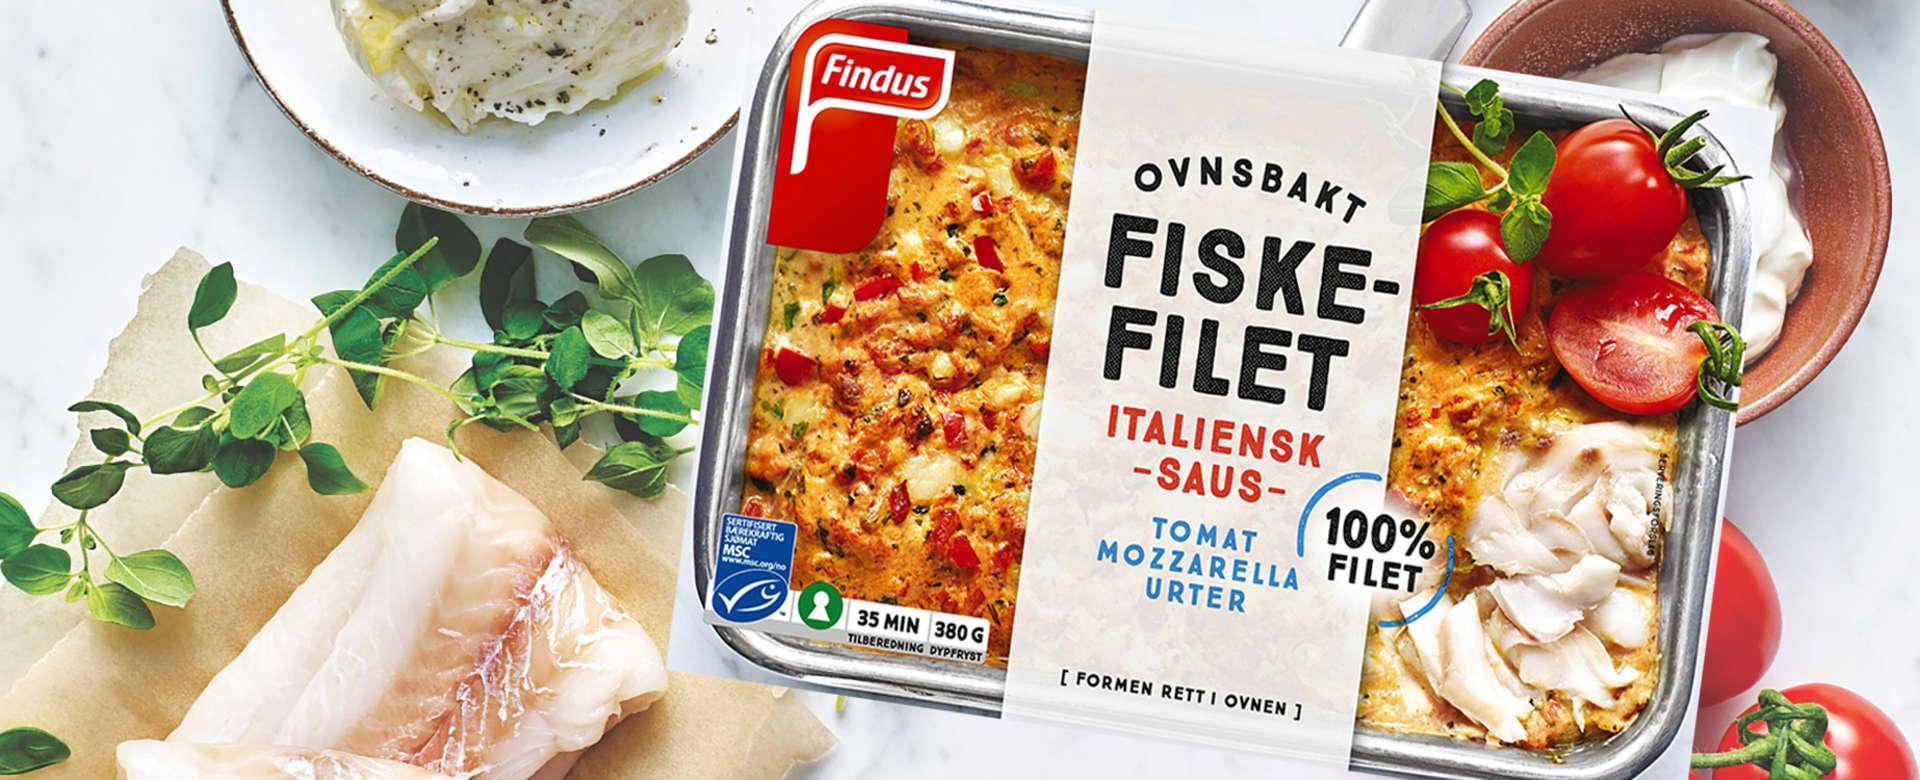 Fiske middag